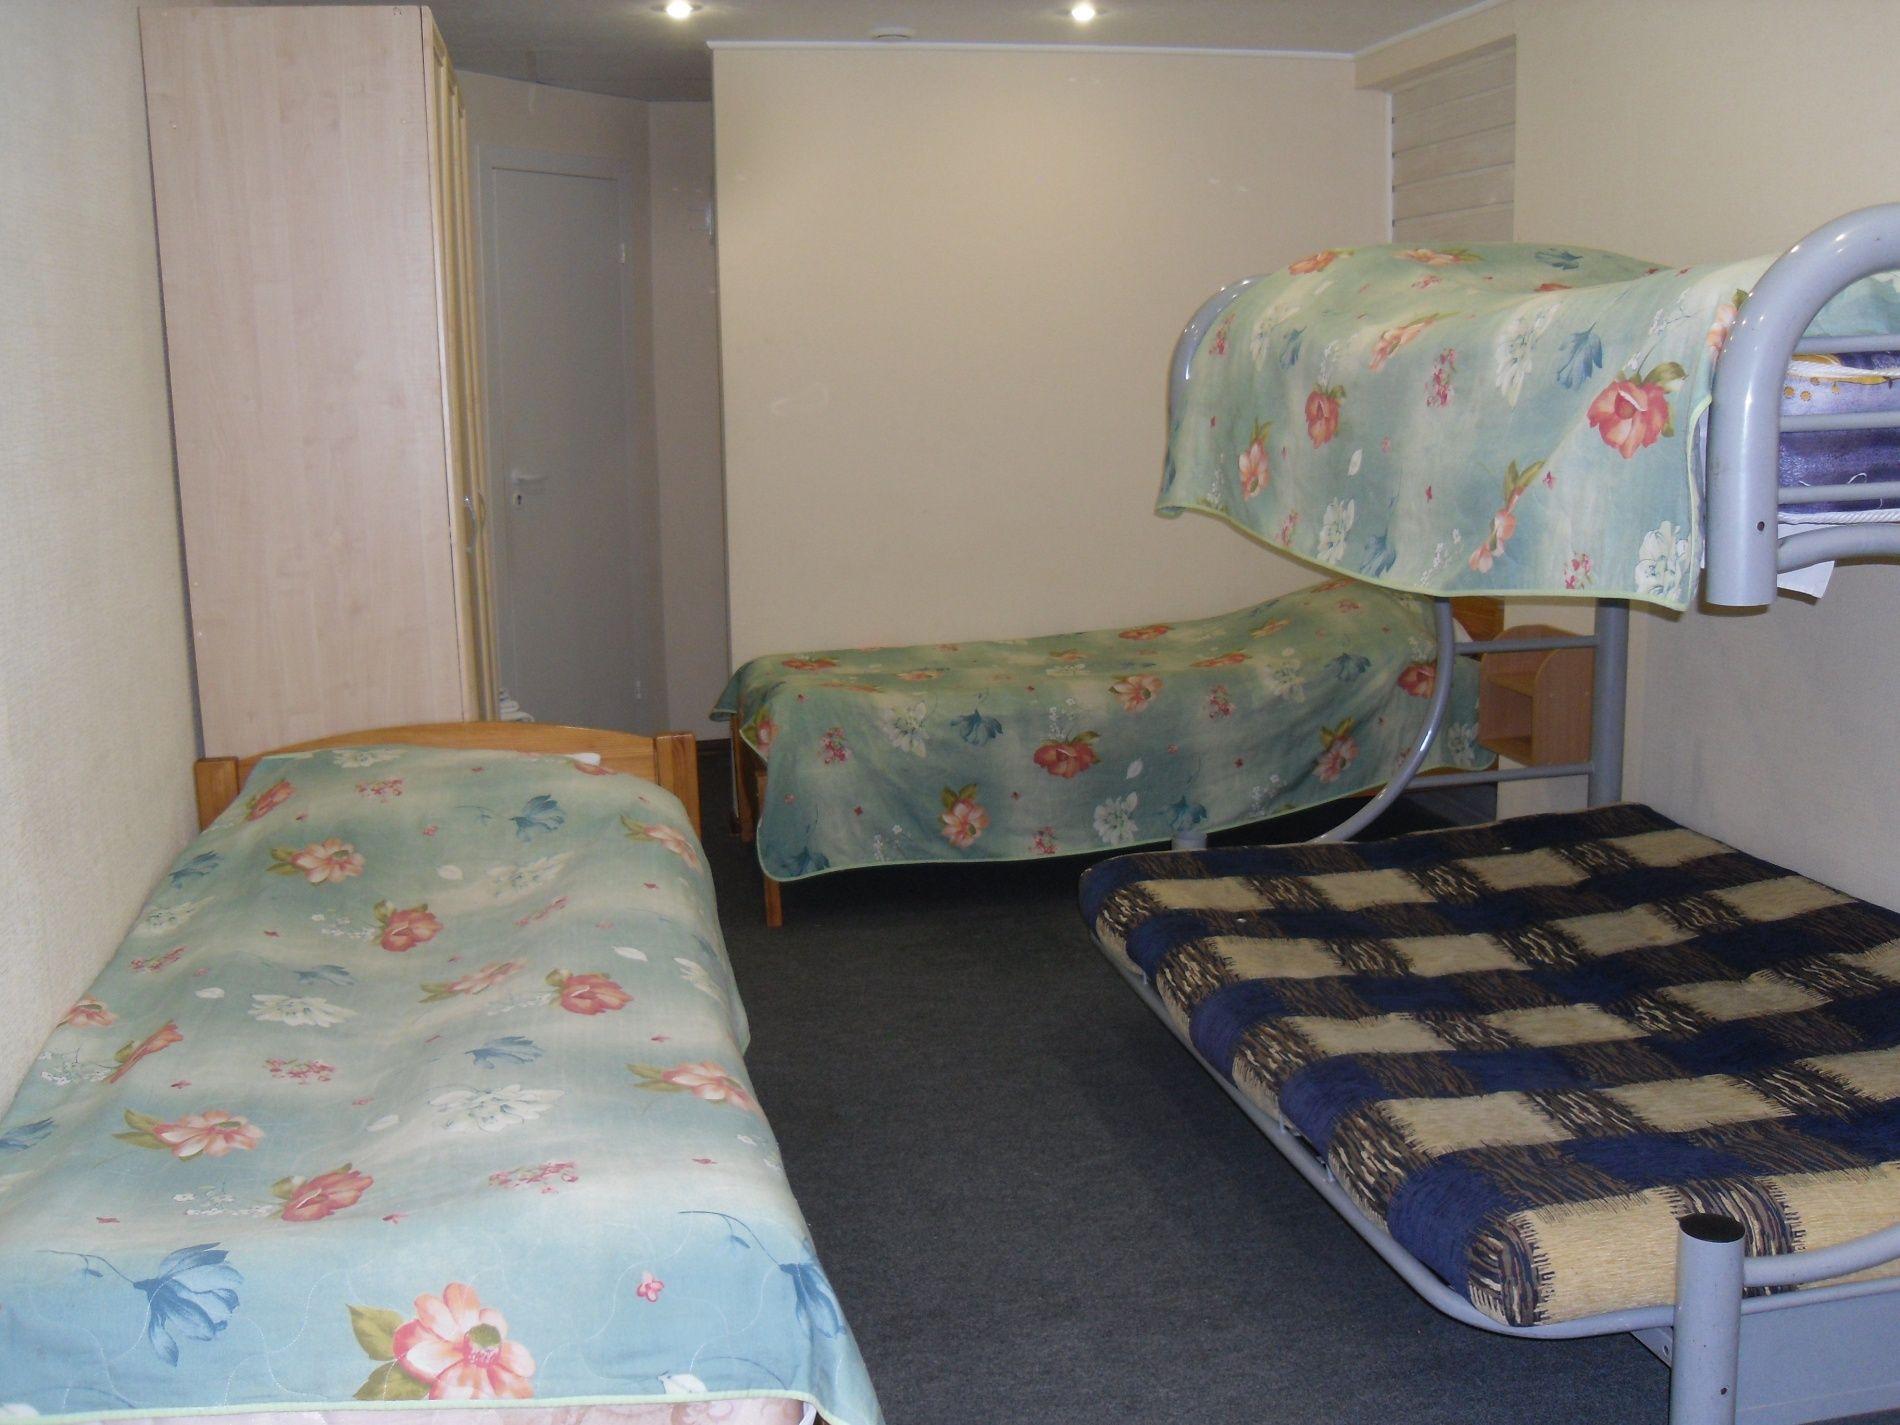 Туристический комплекс «Мирная Пристань» Ивановская область 1-комнатный 4-местный номер 1 категории (№ 3), фото 1